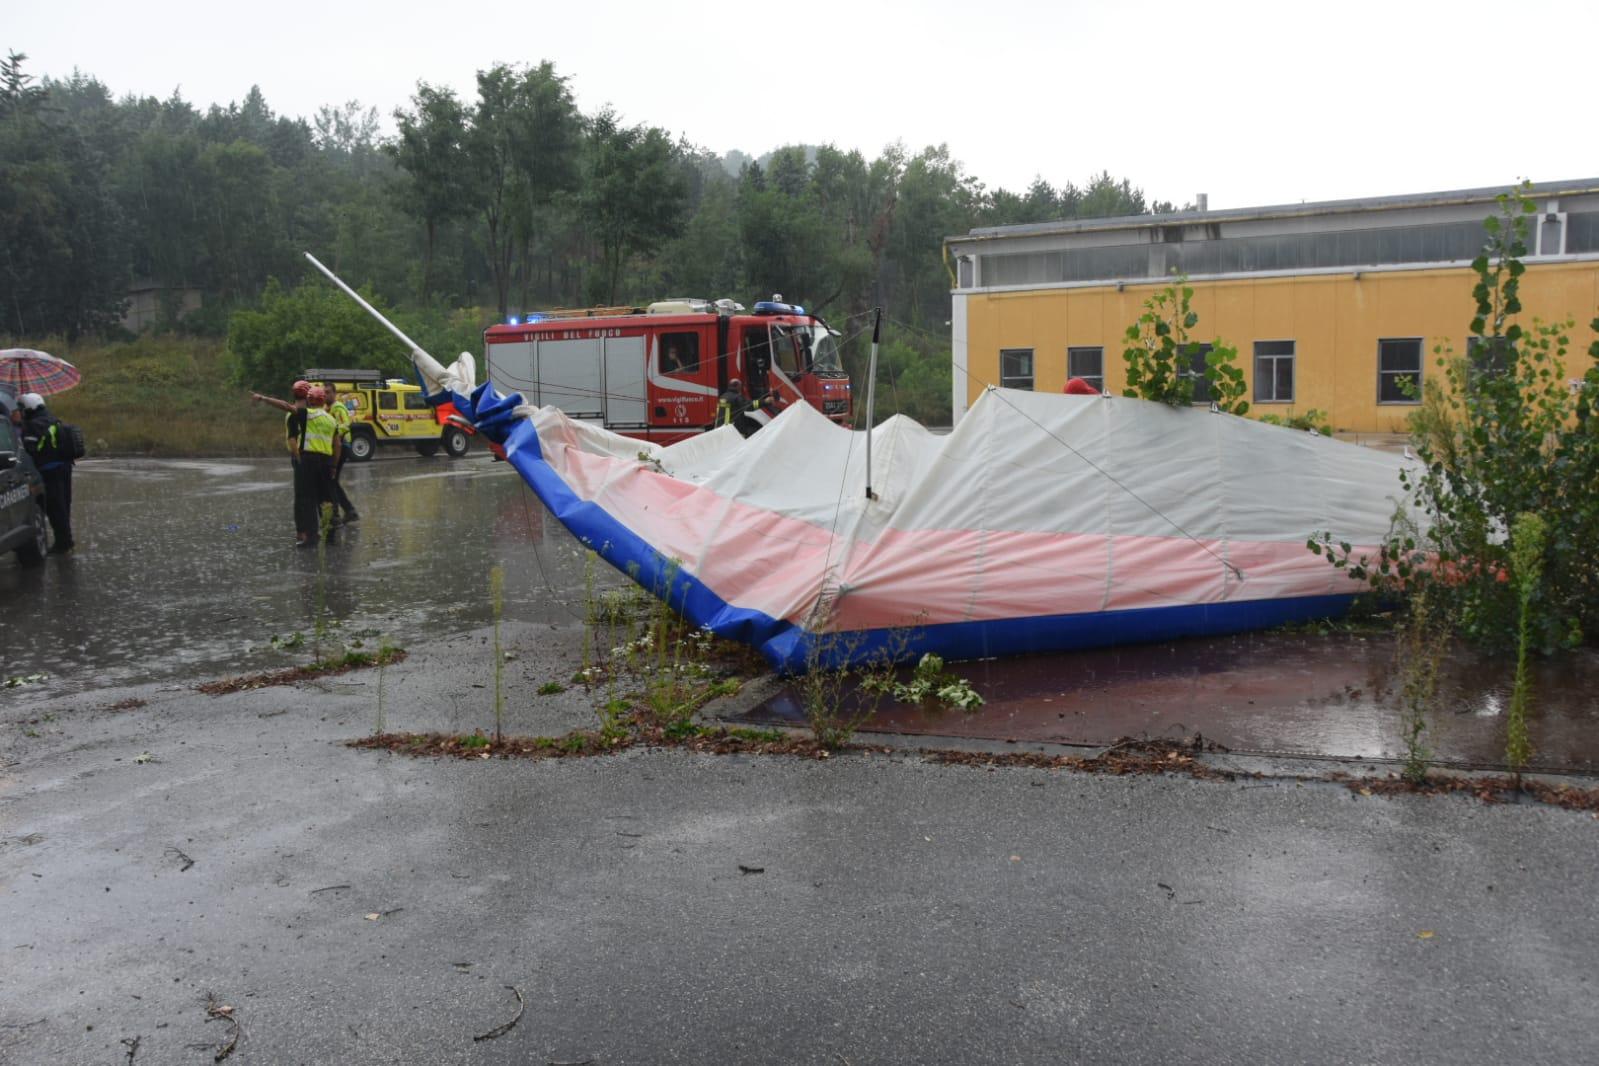 Precipita deltaplano a Rocca San Casciano: è morto il pilota